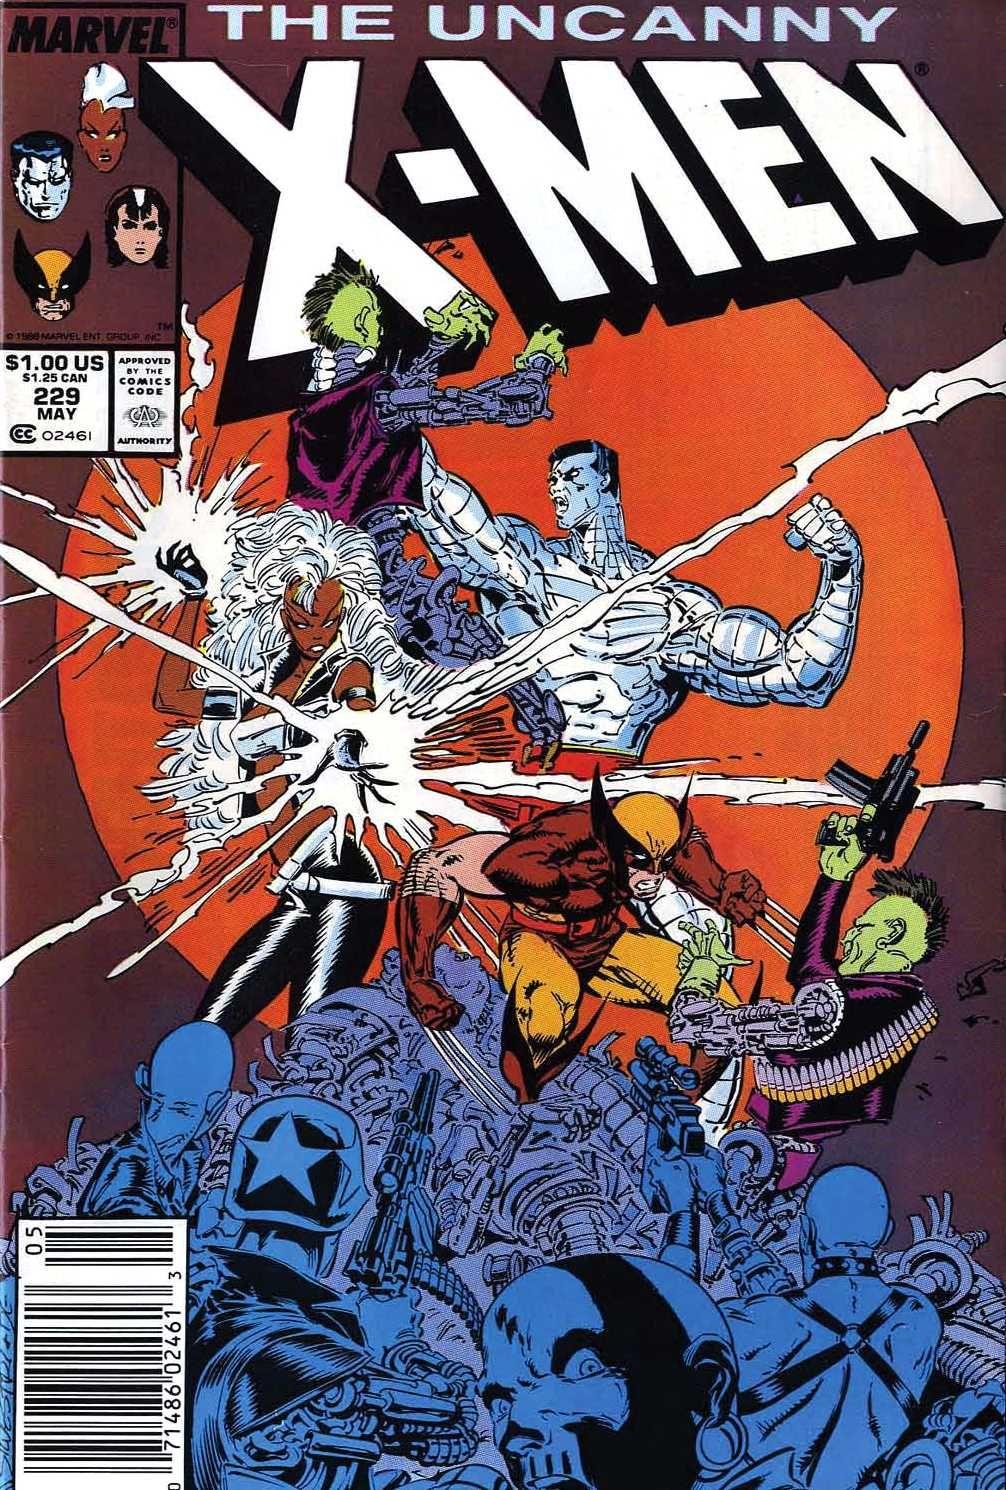 Uncanny X Men Vol 1 229 X Men Marvel Comics Covers Marvel Comics